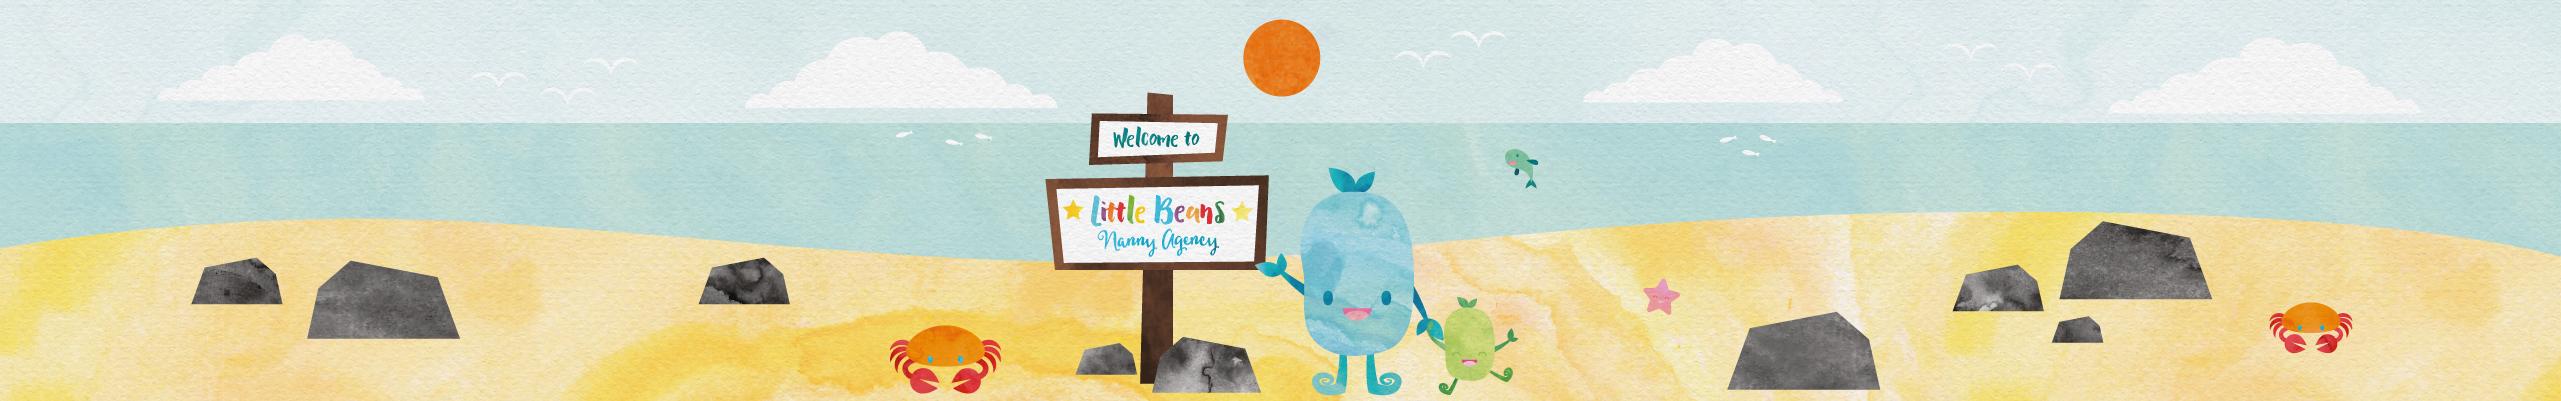 Little Beans Beach